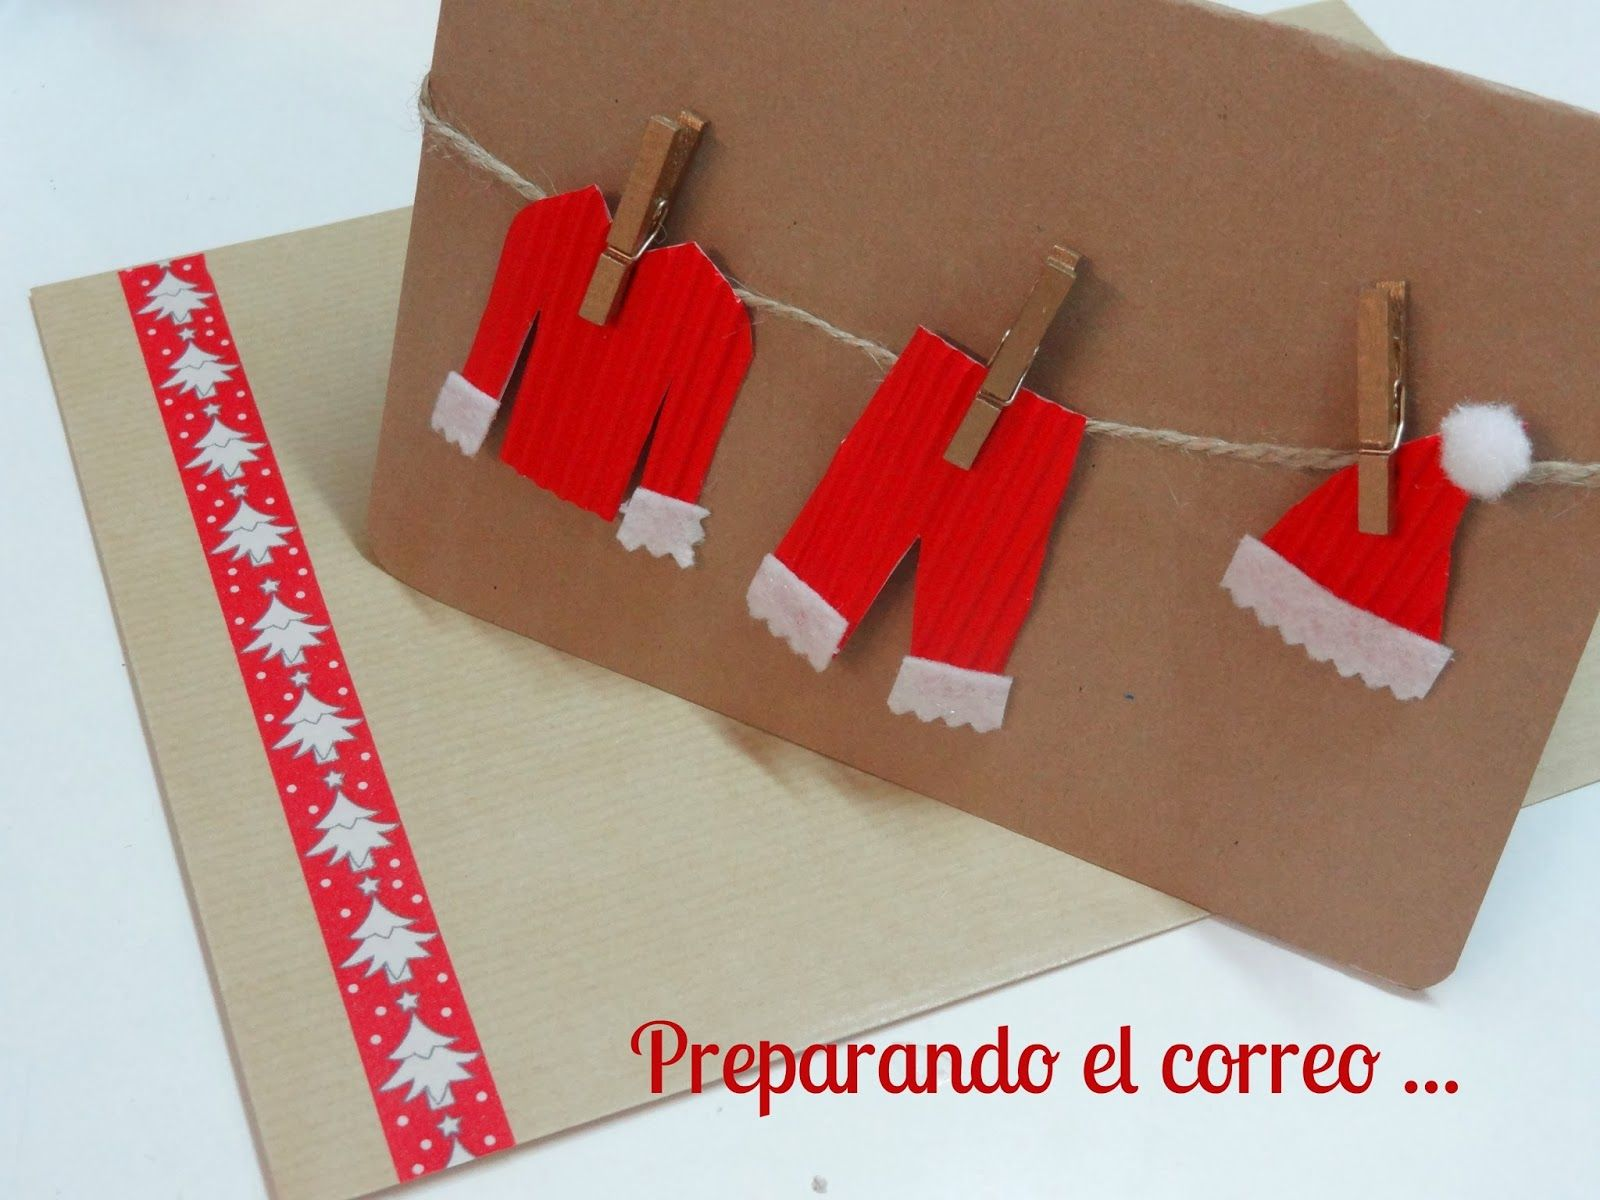 Un blog repleto de ideas creativas adornos navidad - Postales navidenas creativas ...